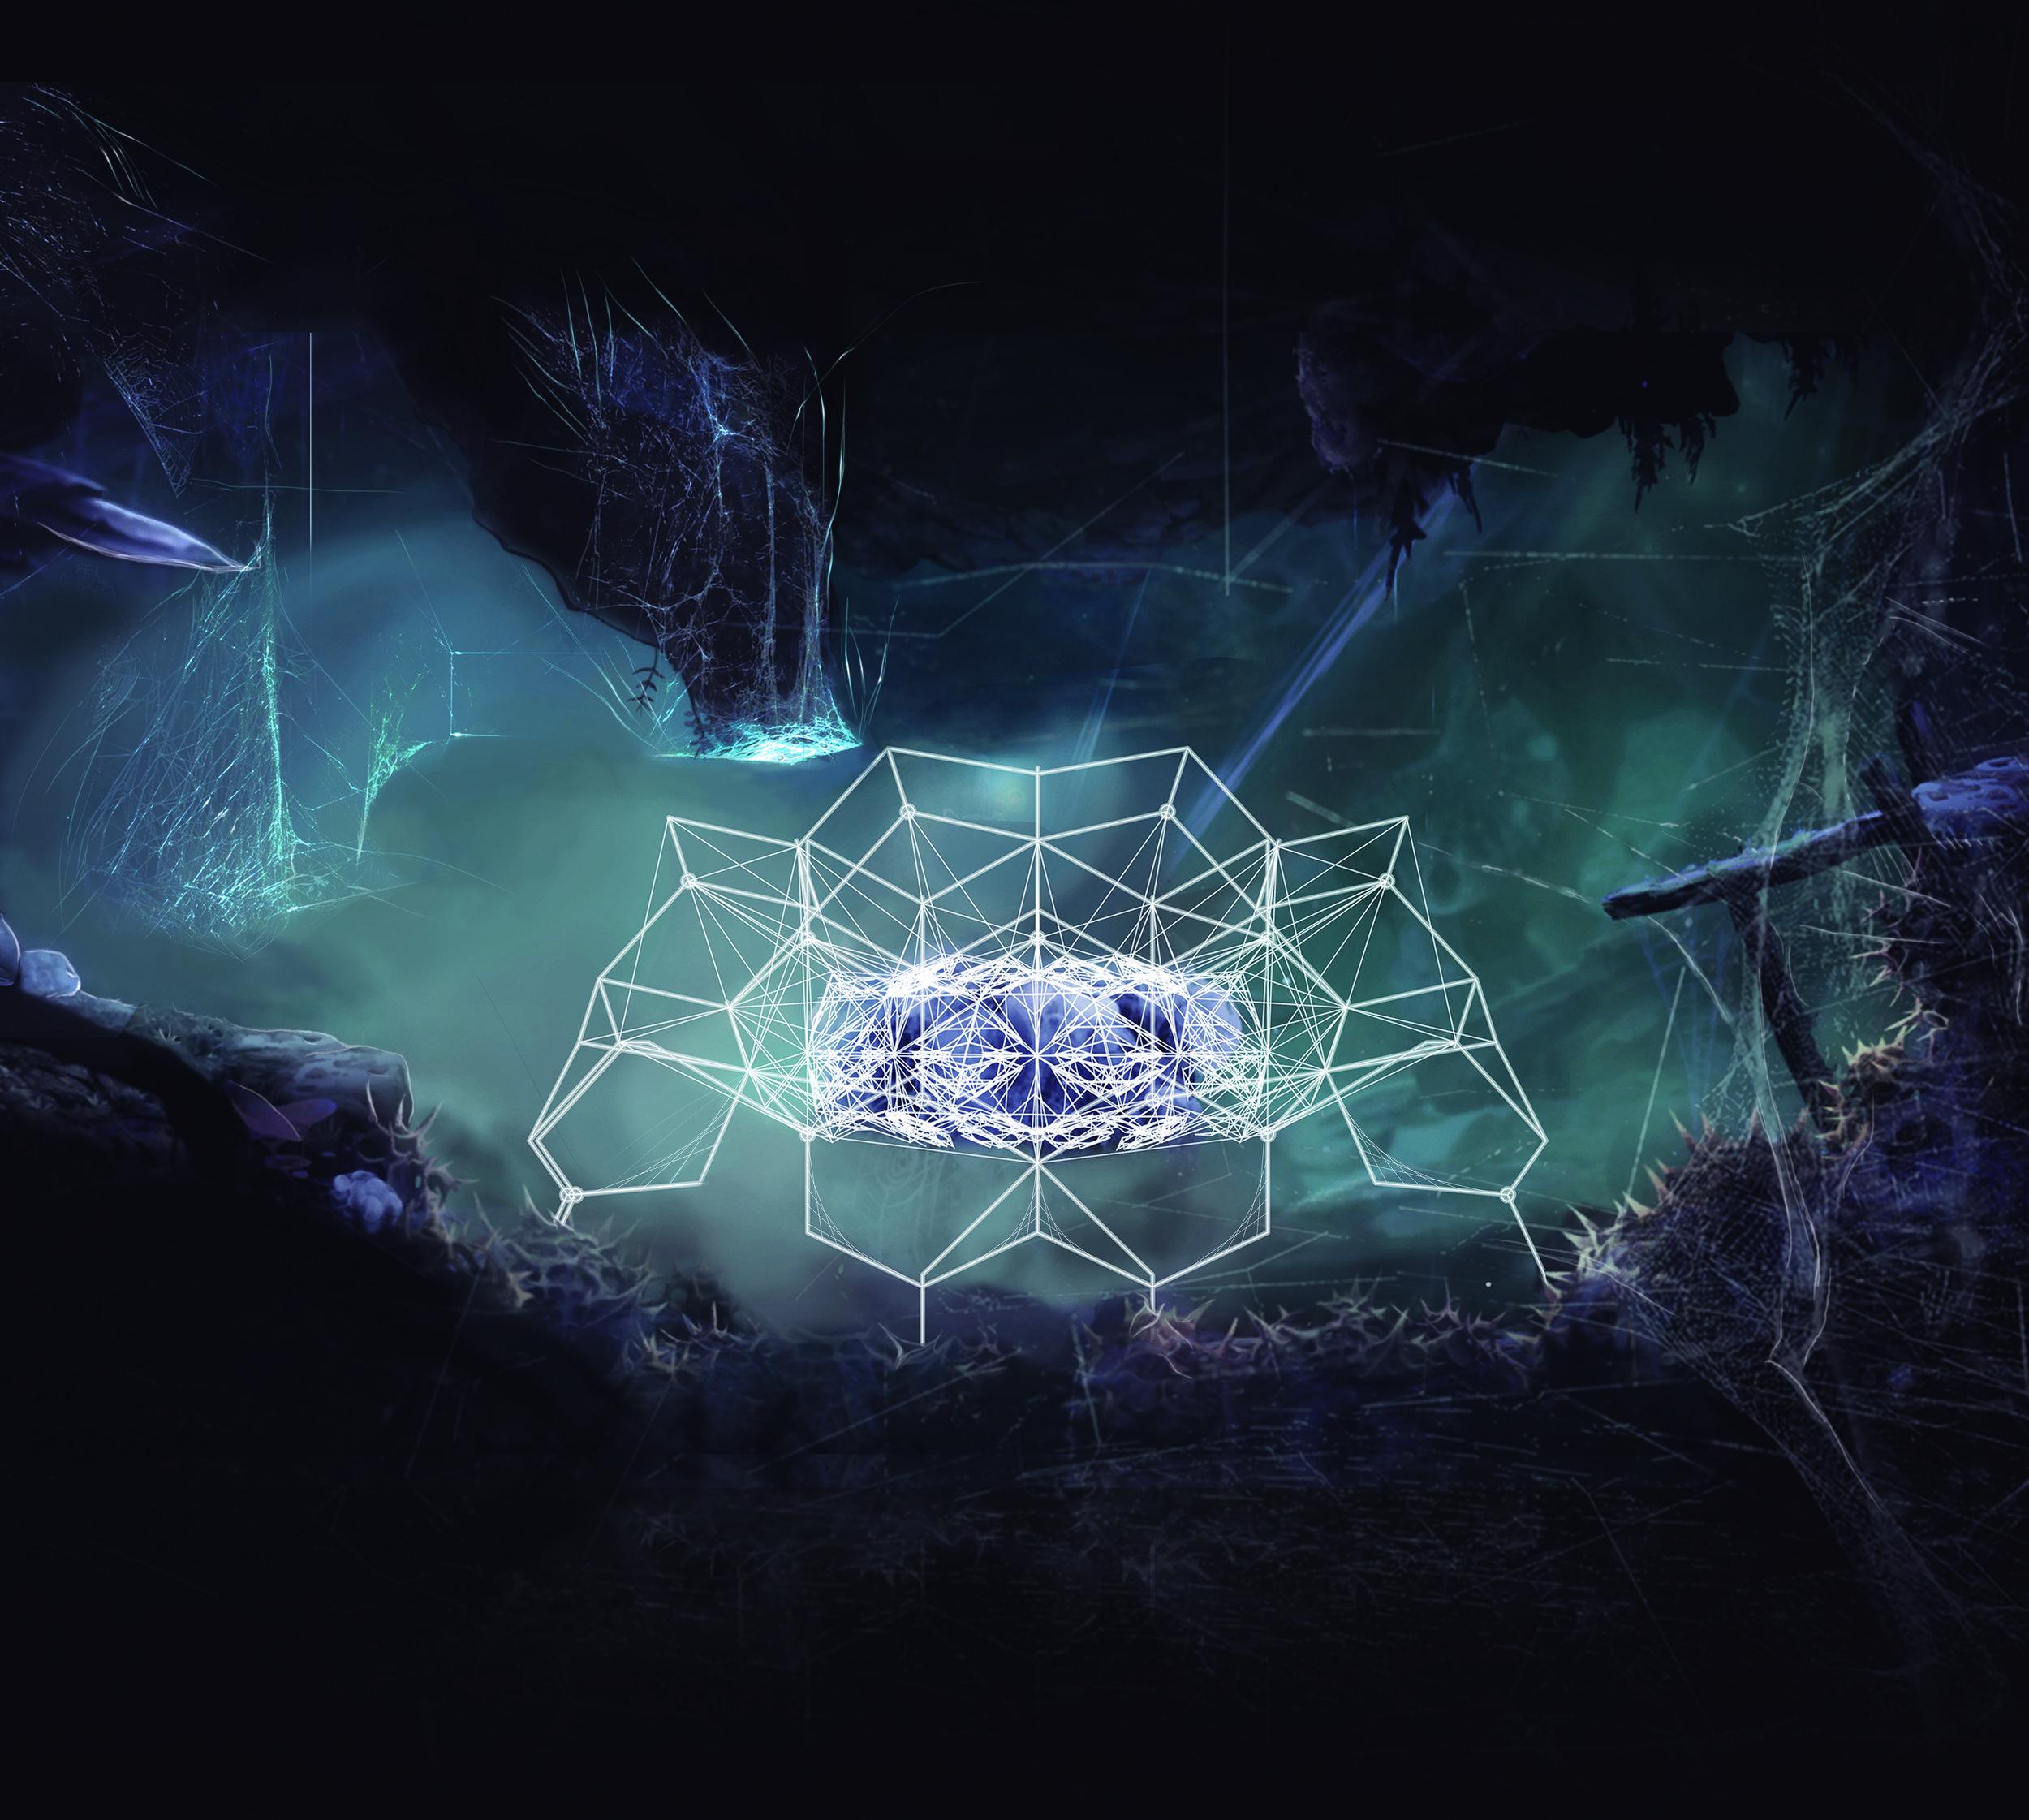 imagen conceptual texentium.jpg